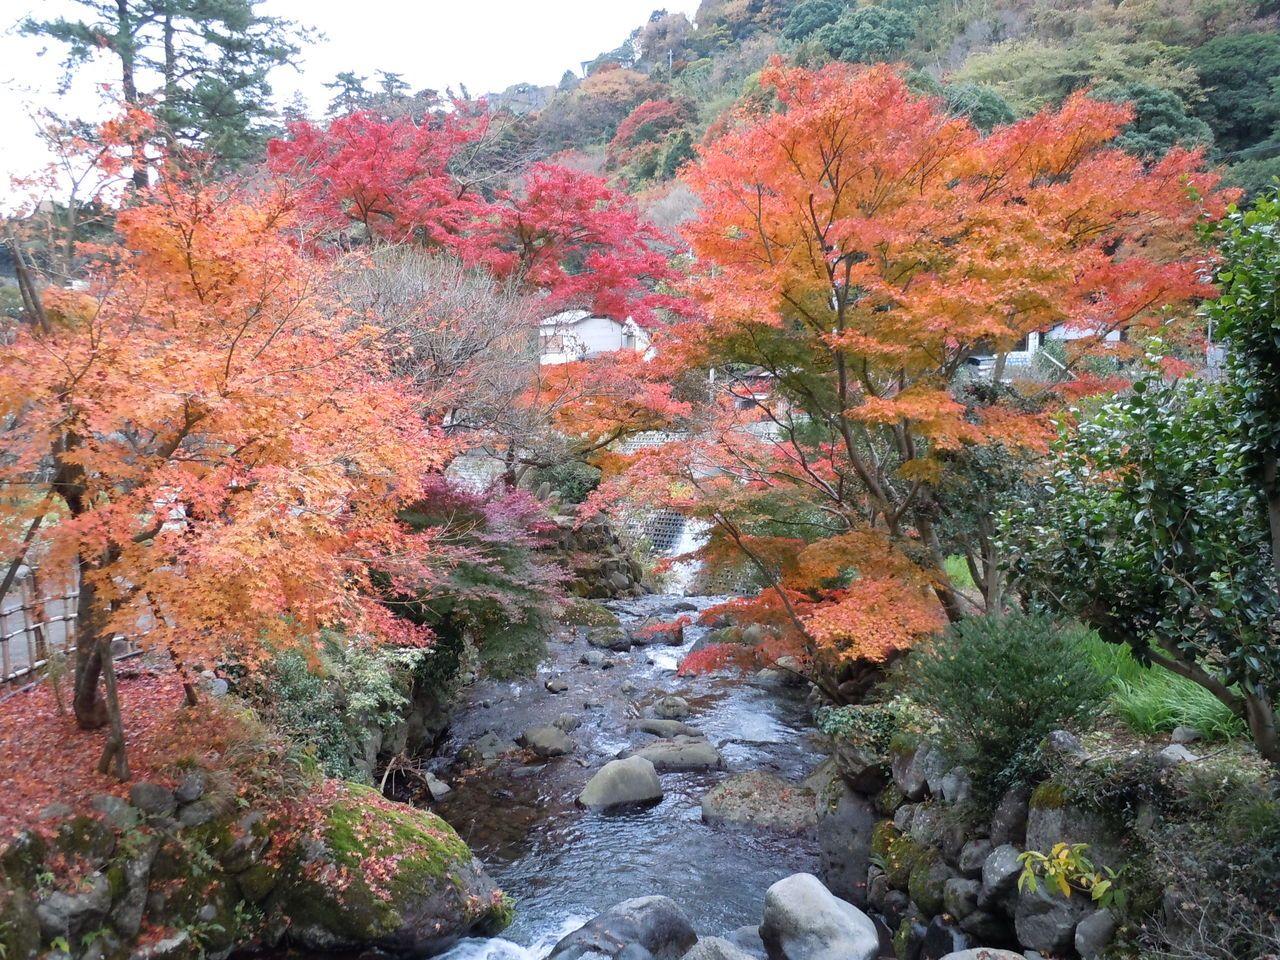 日本一遅い紅葉が楽しめる!『熱海梅園もみじまつり』